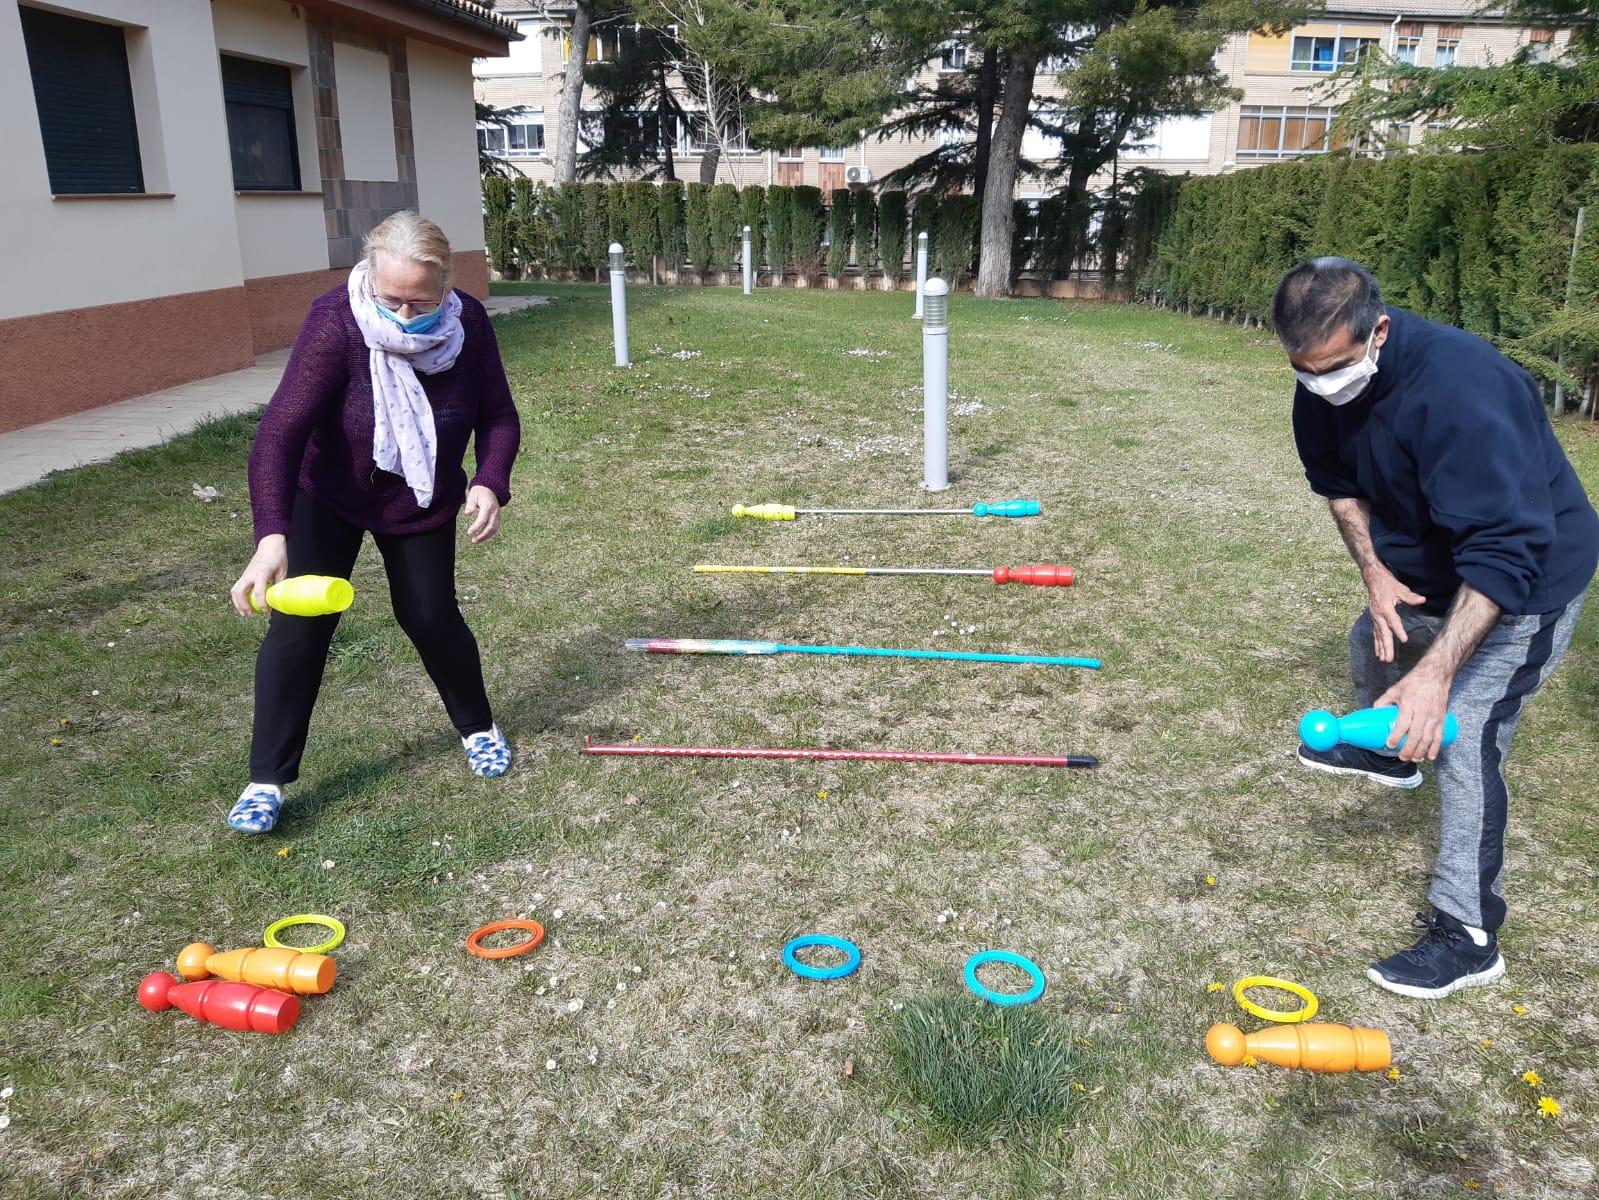 Usuarios de ATADI Utrillas hacen ejercicio en el jardín a través de juegos